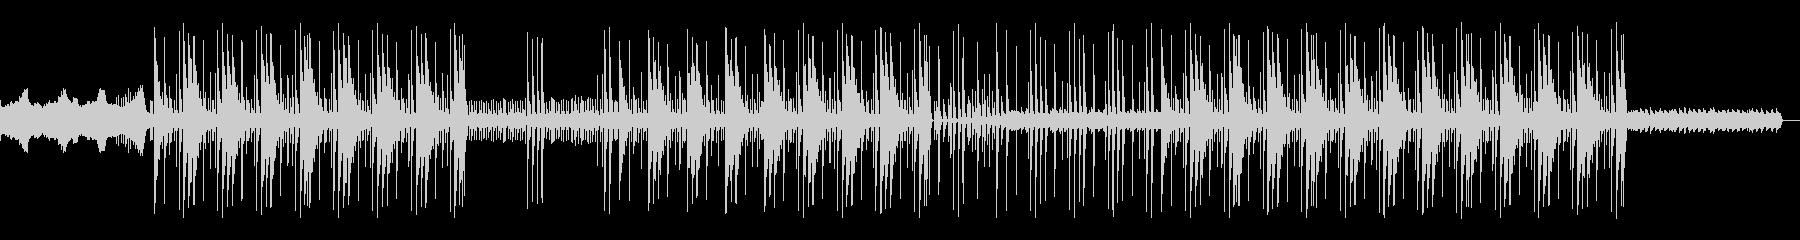 怪しい洋楽トラップビートの未再生の波形